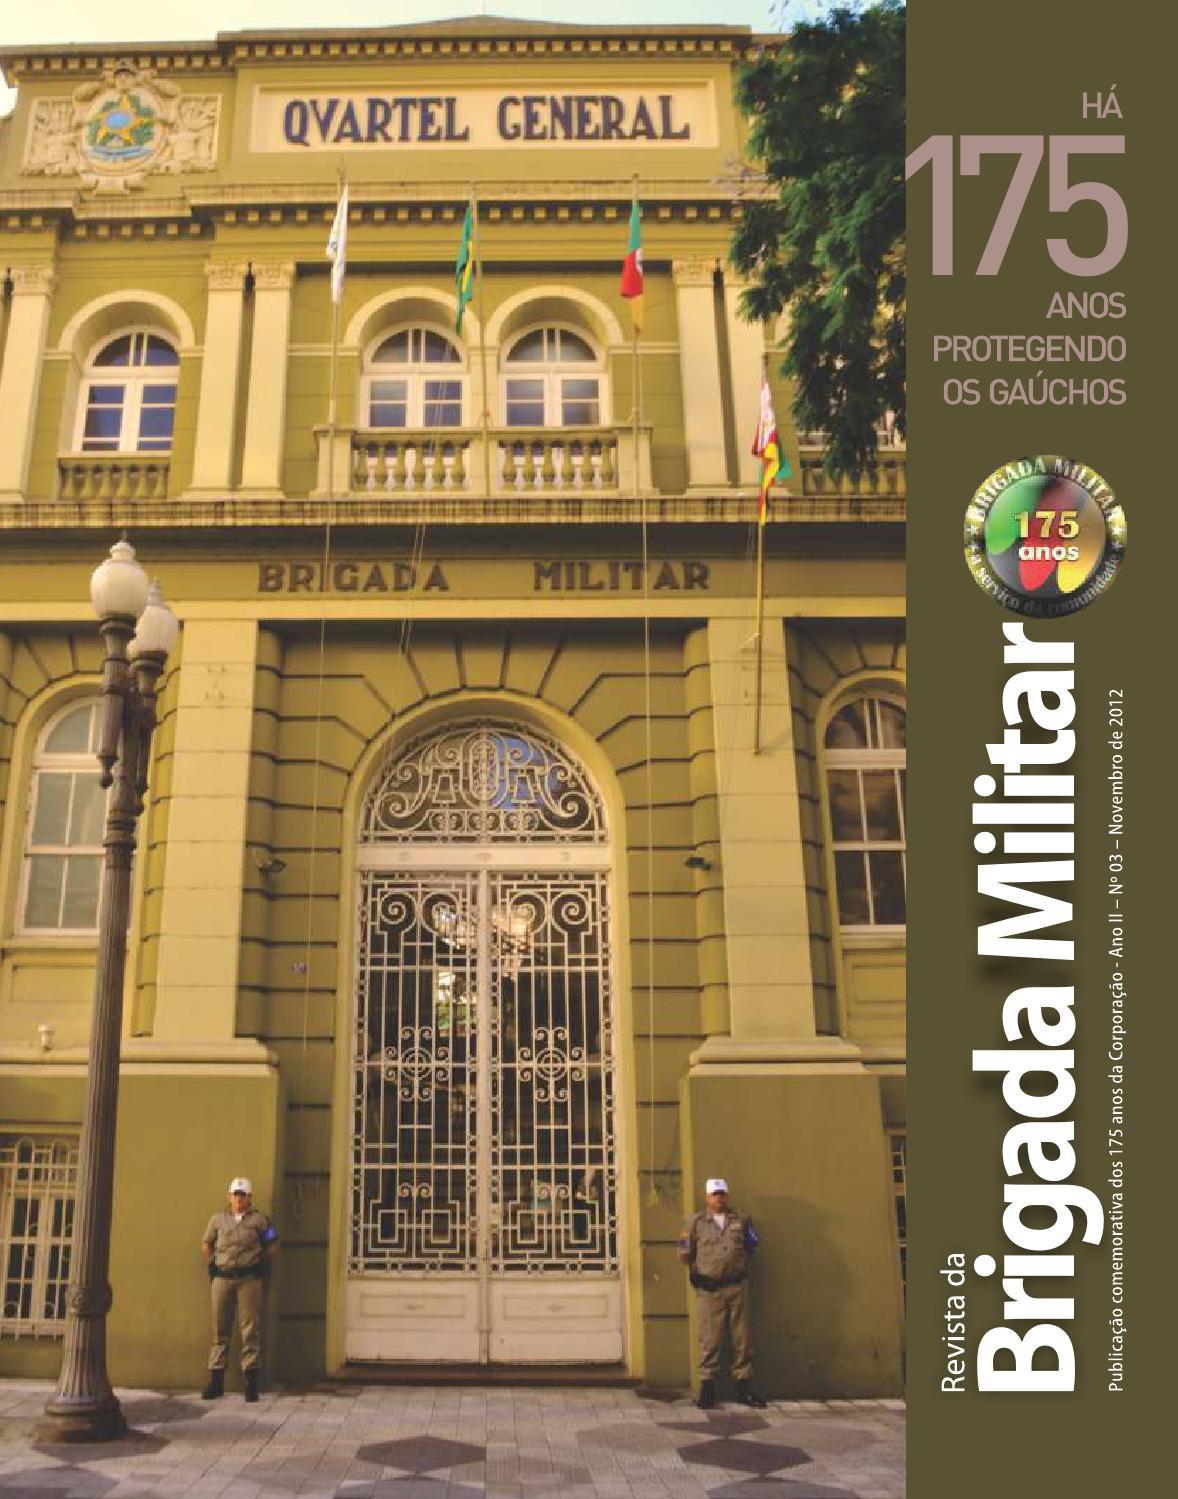 Revista da Brigada Militar - 175 Anos by Área Com Publicidade - issuu a72dcfc7931